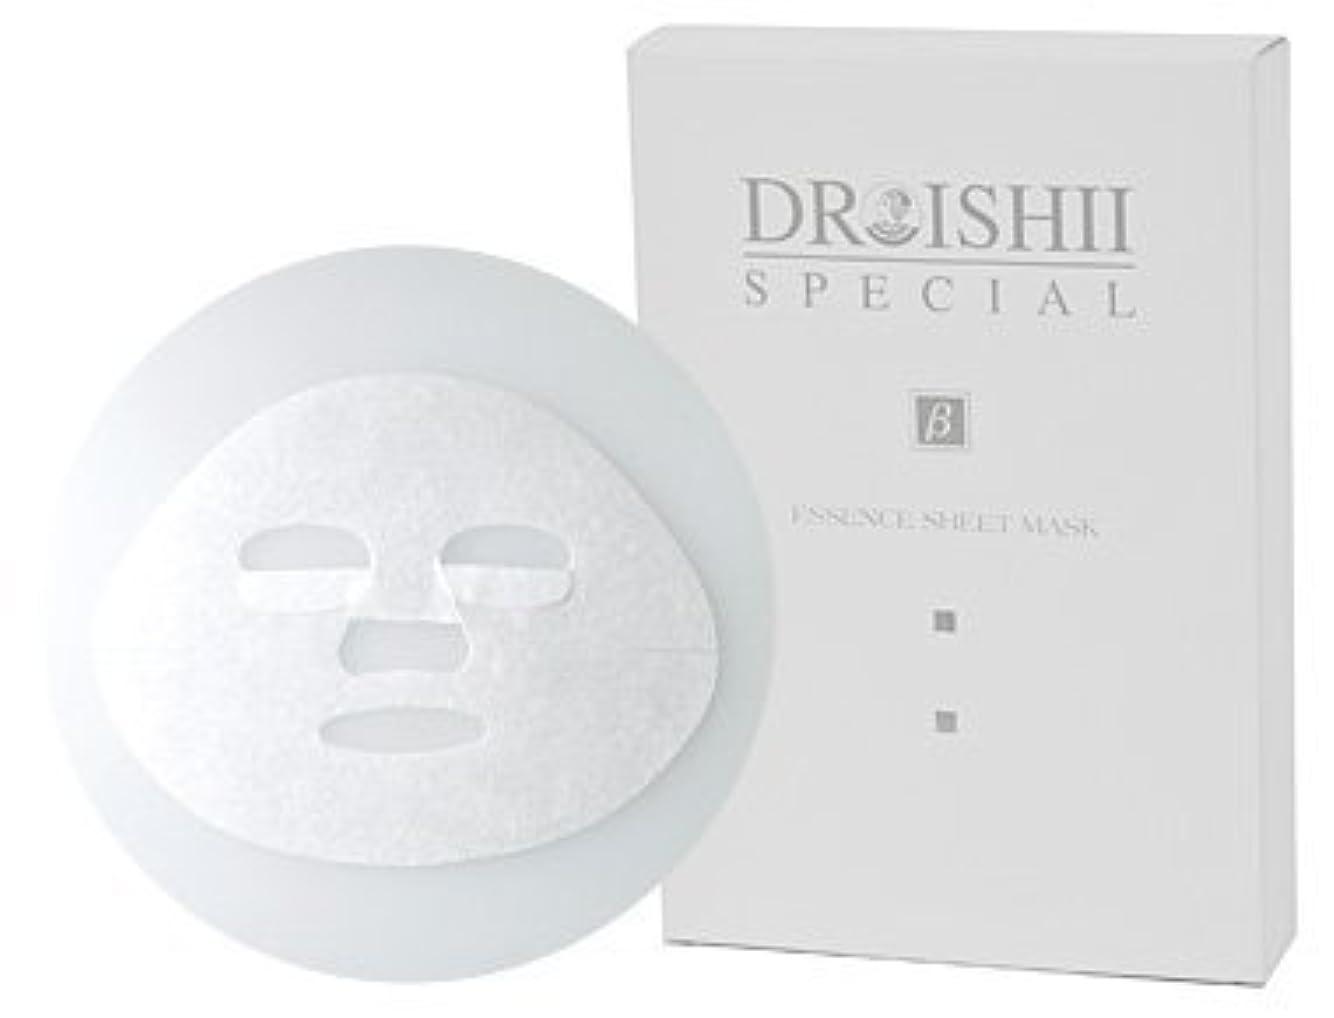 工業化するカード開梱MD化粧品 DR ISHII スペシャルβ エッセンスシートマスク 6枚